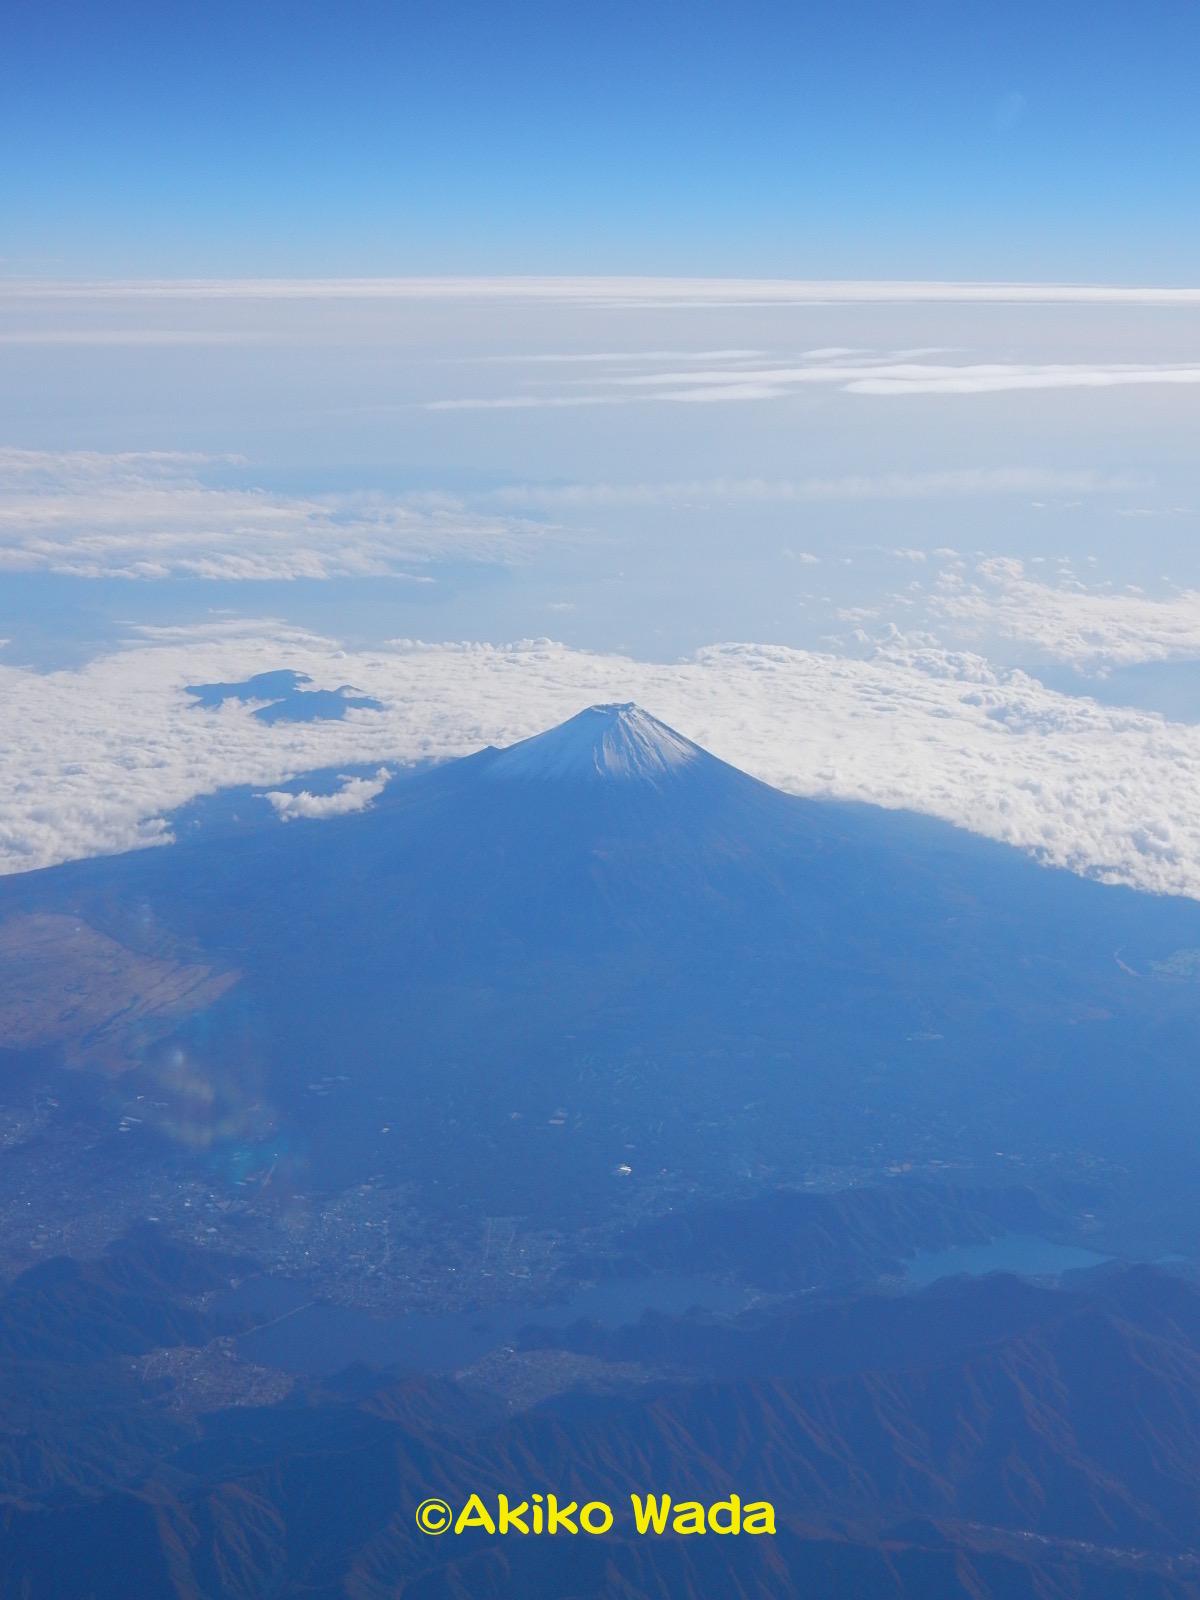 湖が見えるので、山梨県上空だろうか?